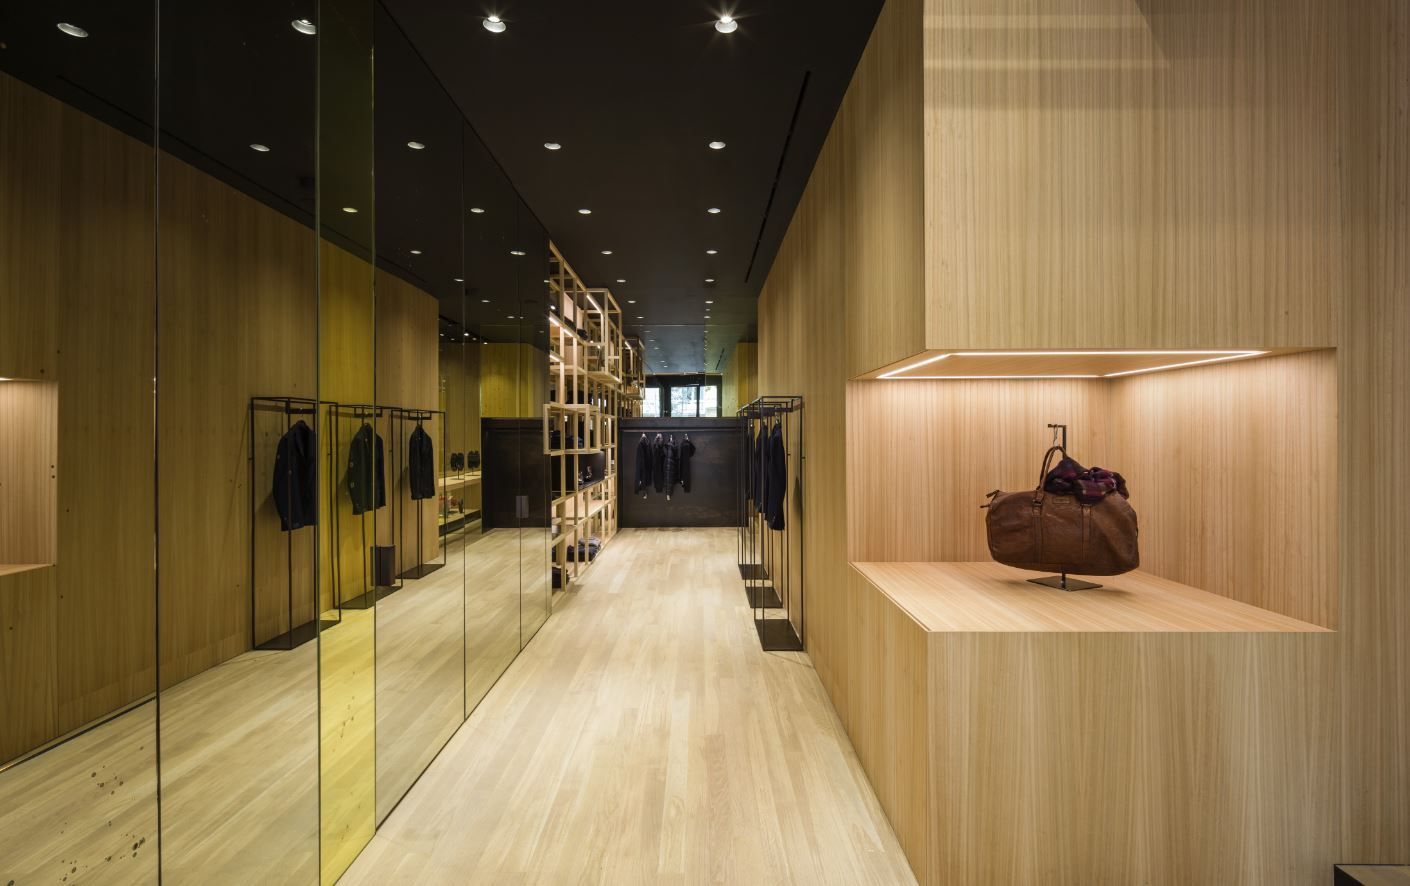 Francesc Rifé Retail. Tienda de moda Nino Fernández en Barcelona. Estructuras de madera, cristal y espejo en el antiguo Colmado Quílez. #fashion #retail #moda #interiordesign #interiorismo #glass #furniture #light Nichos de madera con iluminación led